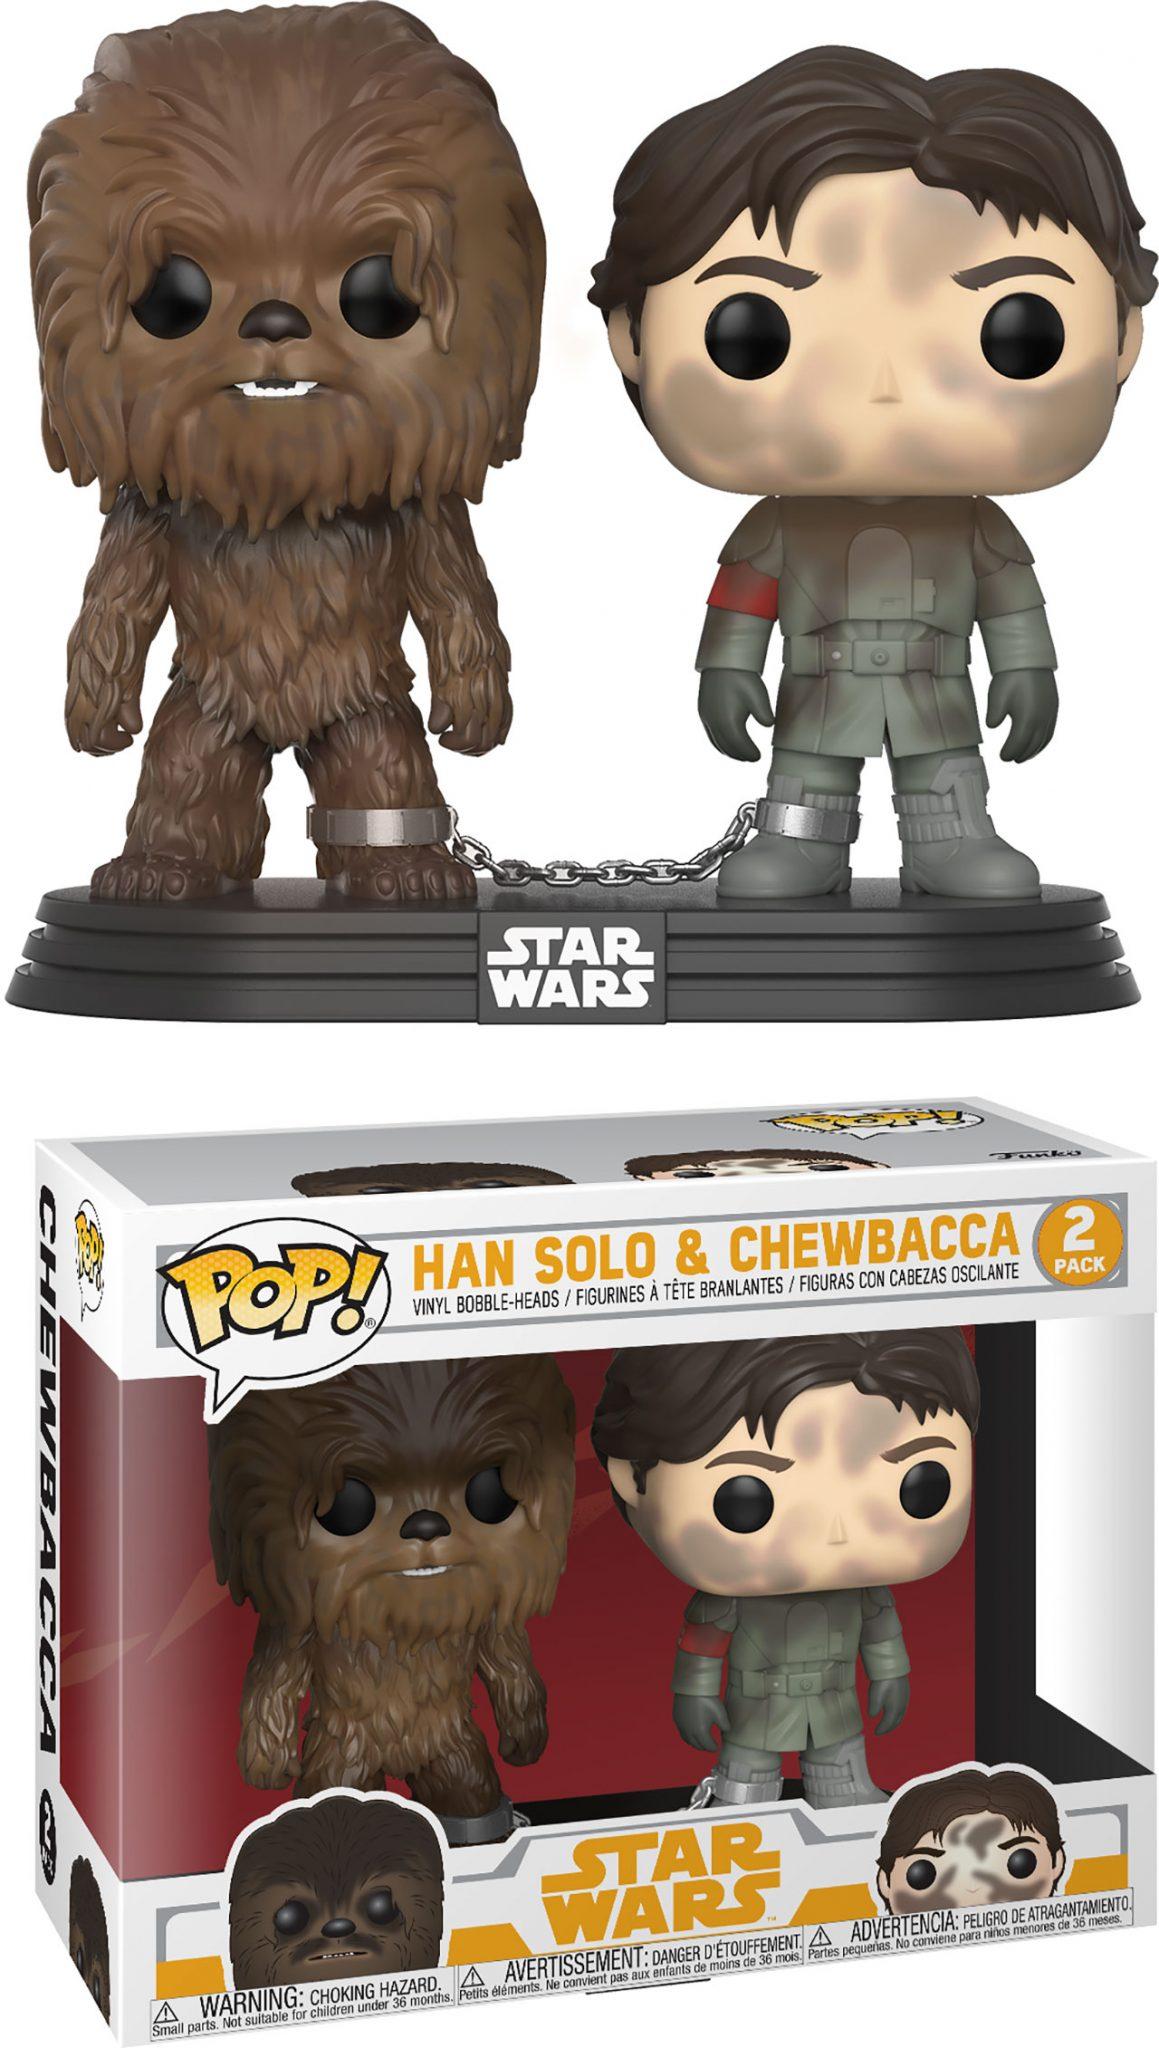 Hasbro e1176-Star Wars-Han Solo